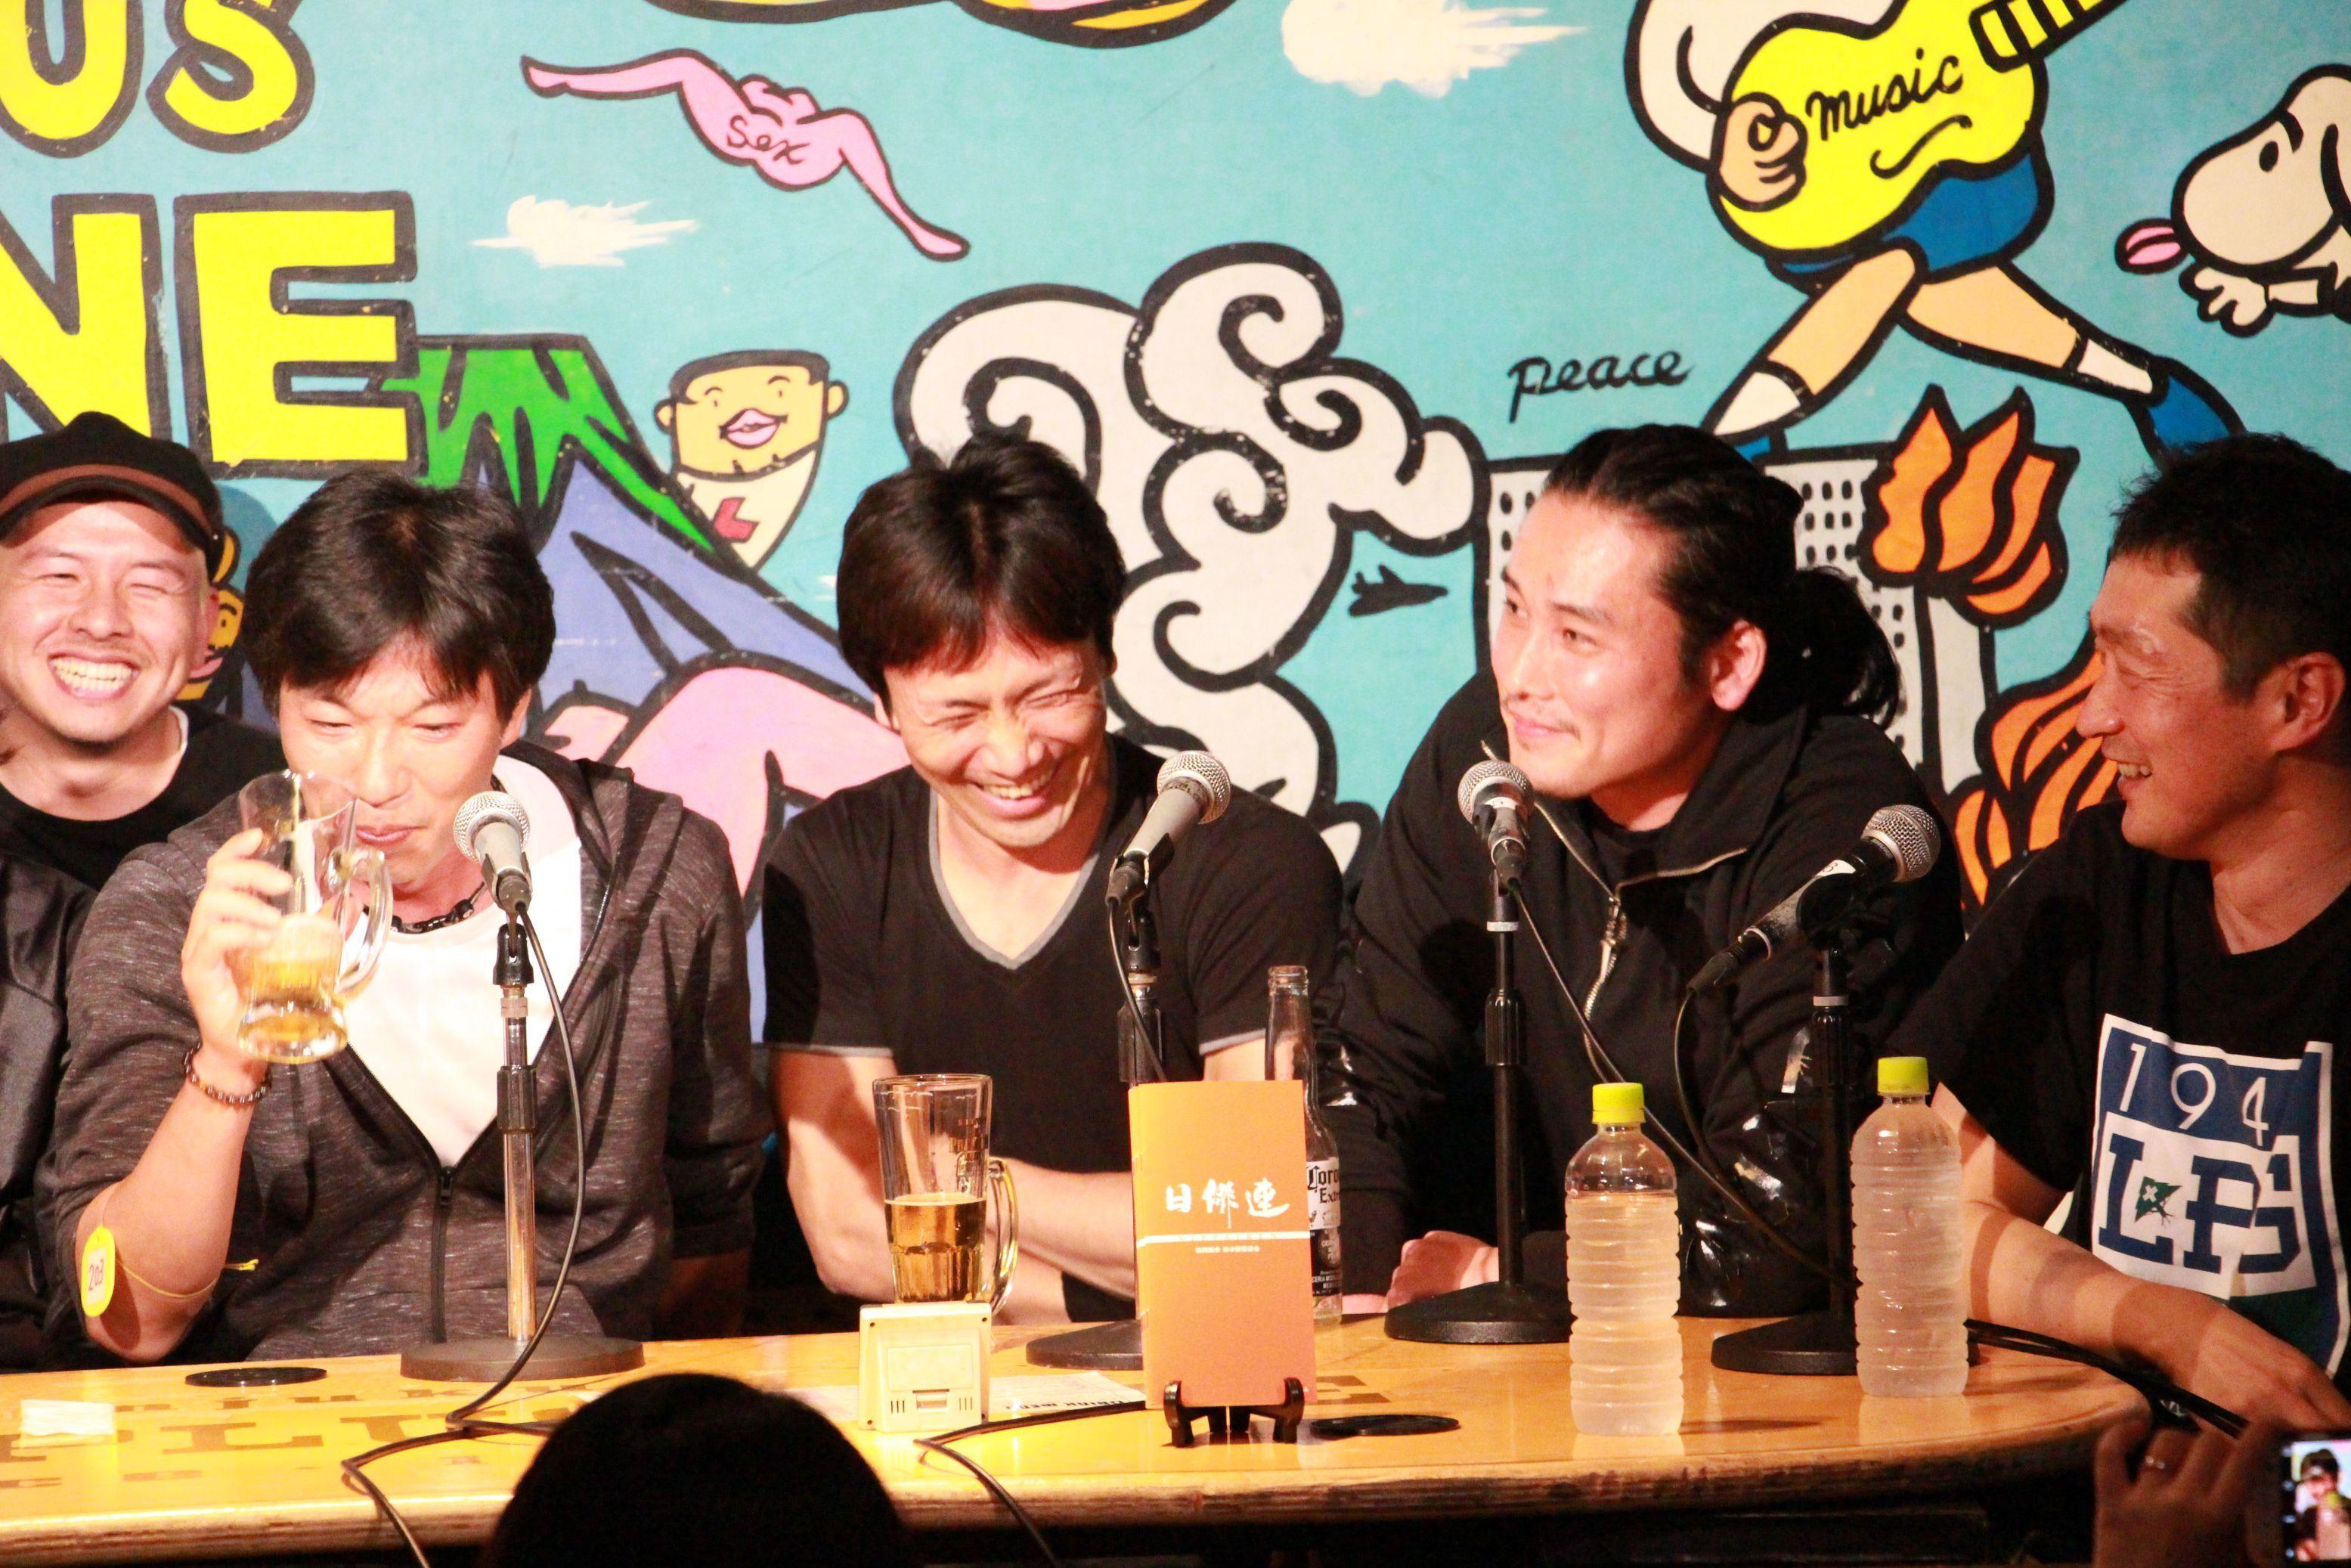 下村勇二氏と坂口拓(左から3番目と4番目)は10年以上の盟友